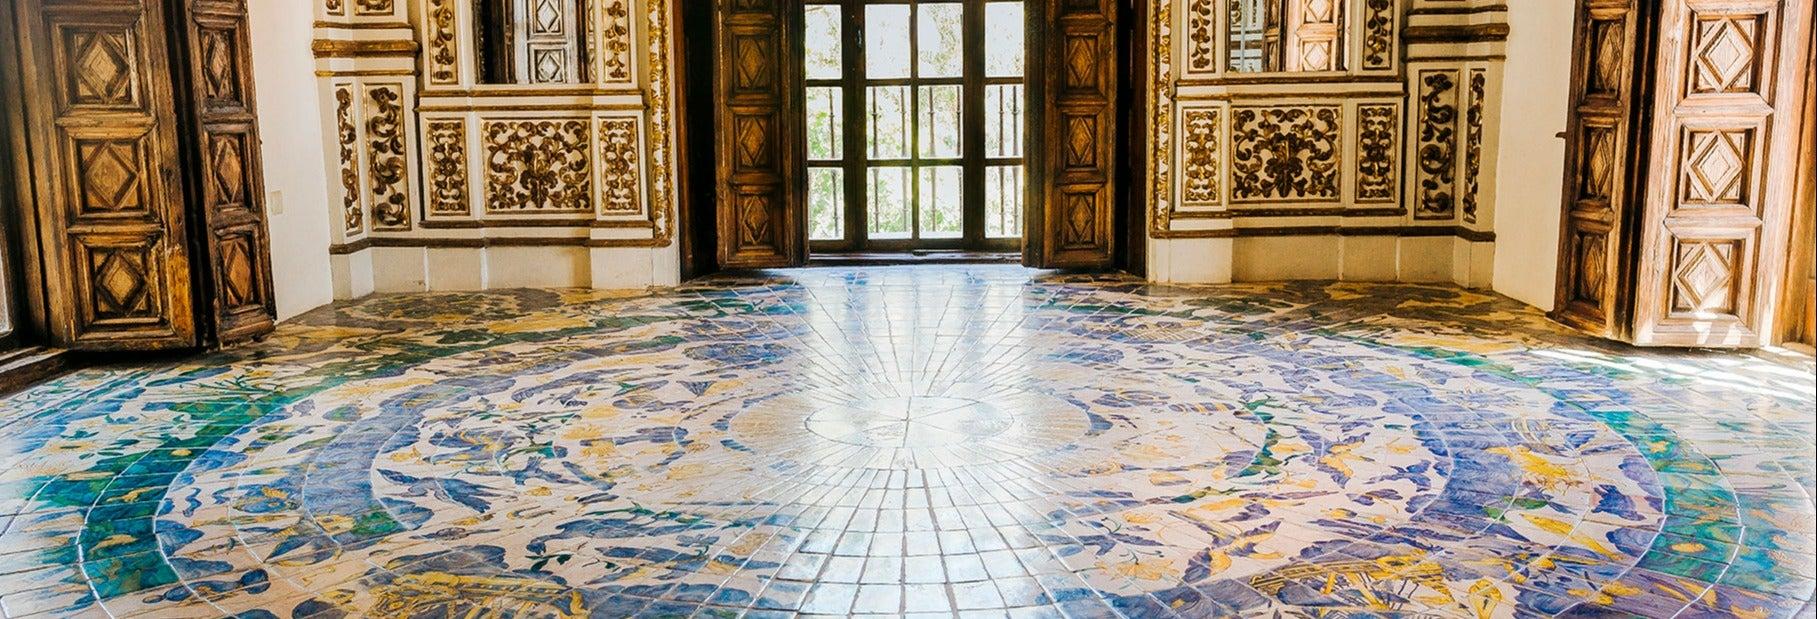 Billet pour le Palais ducal de Gandie